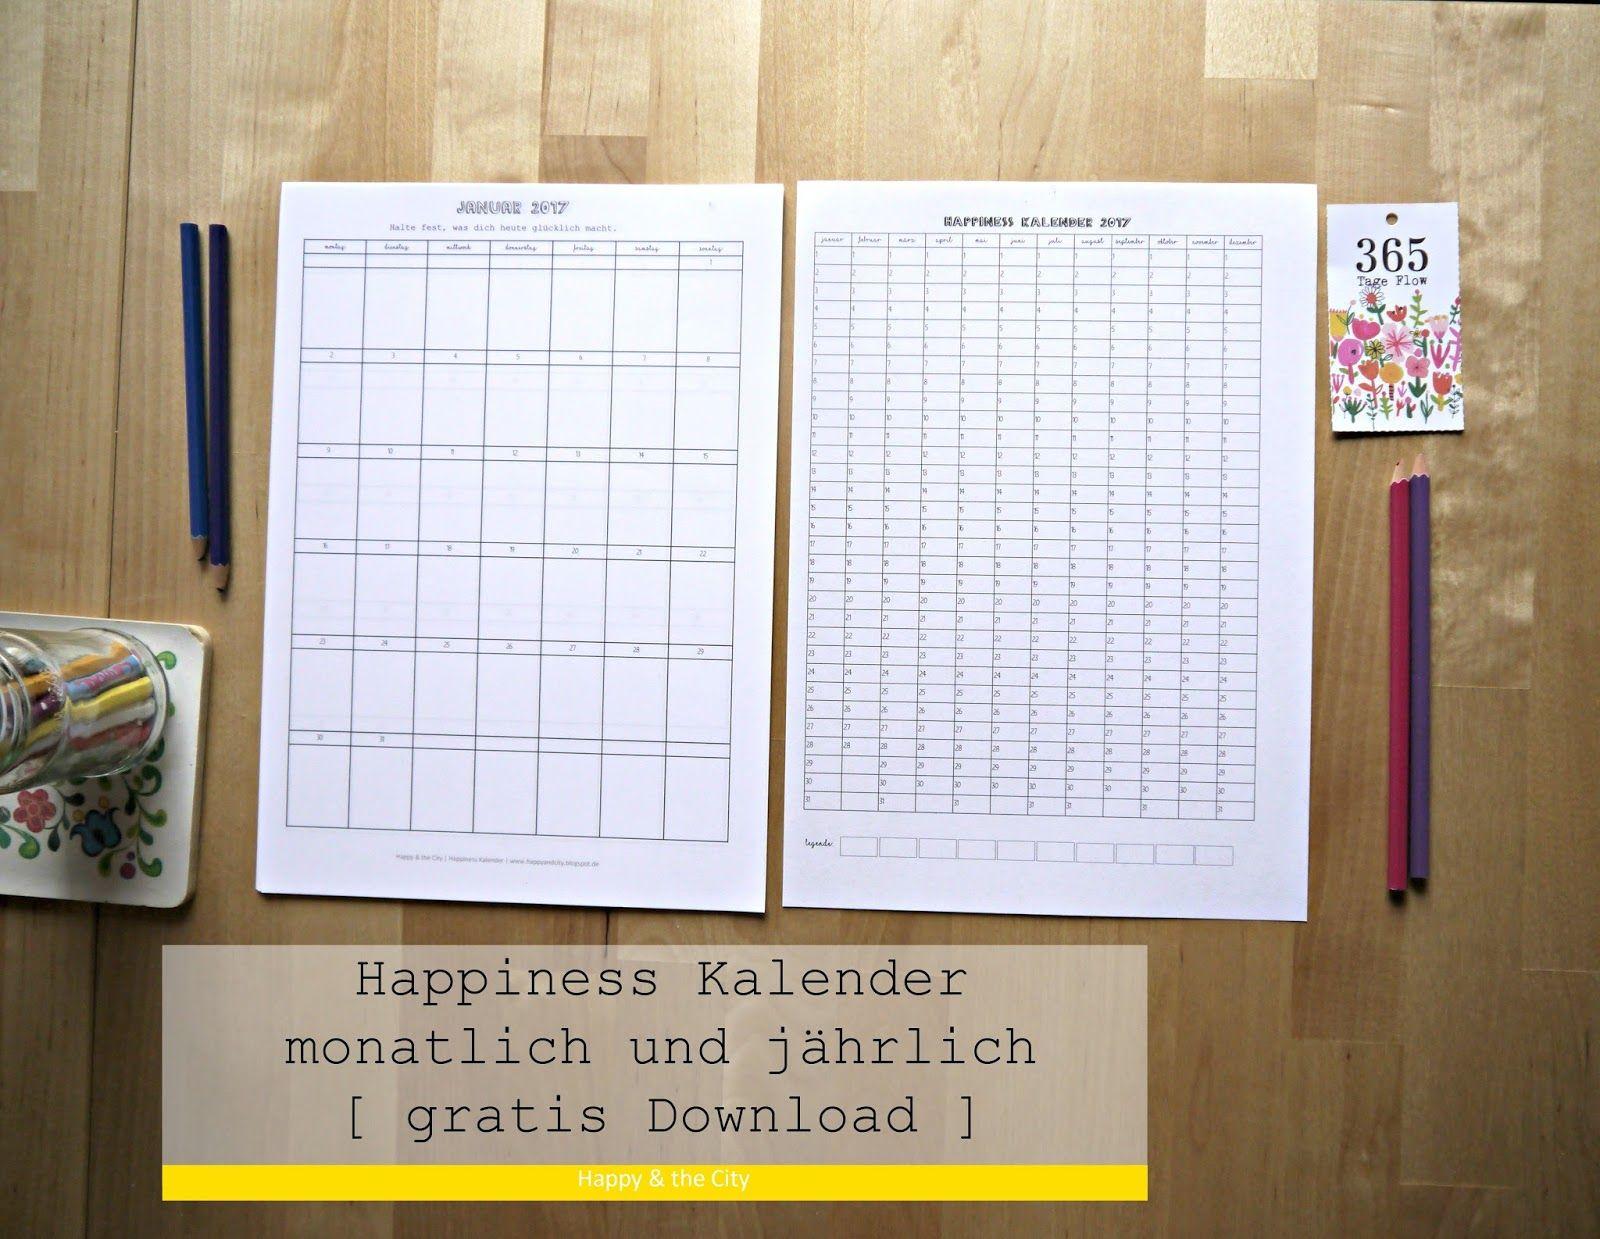 Gratis Download halte dein Glück 2017 fest mit dem Happiness ...